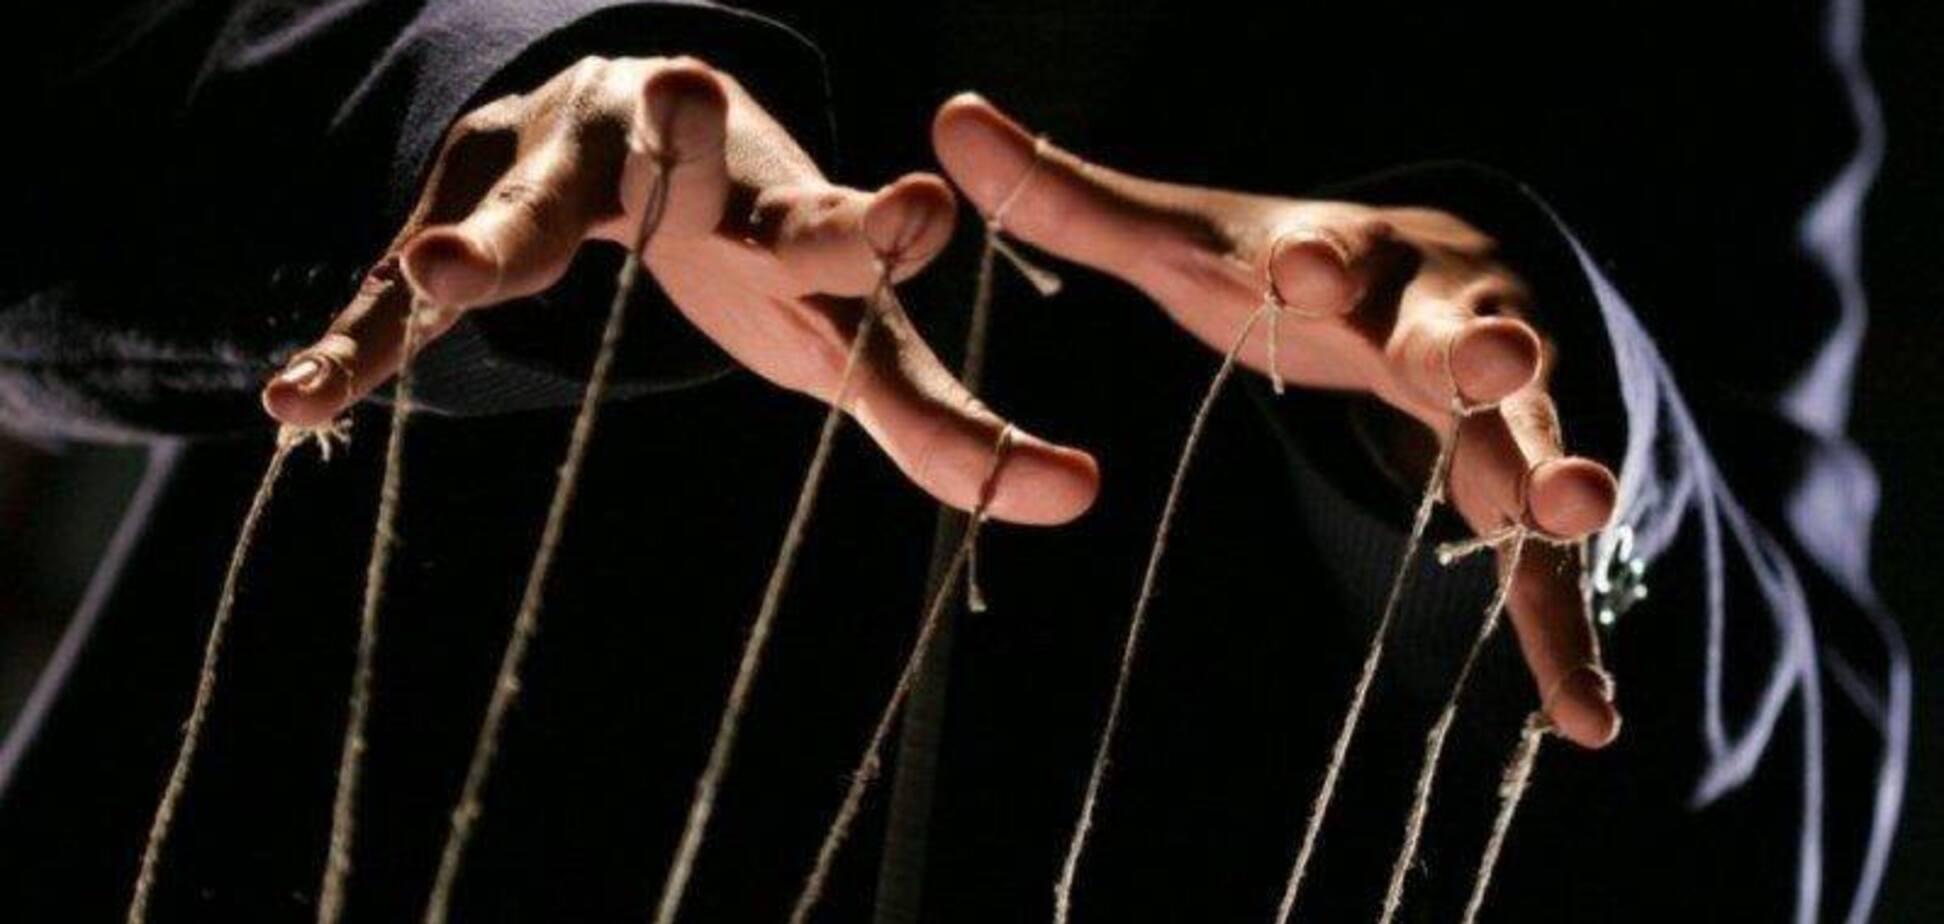 Провокация и манипуляция: как отличить